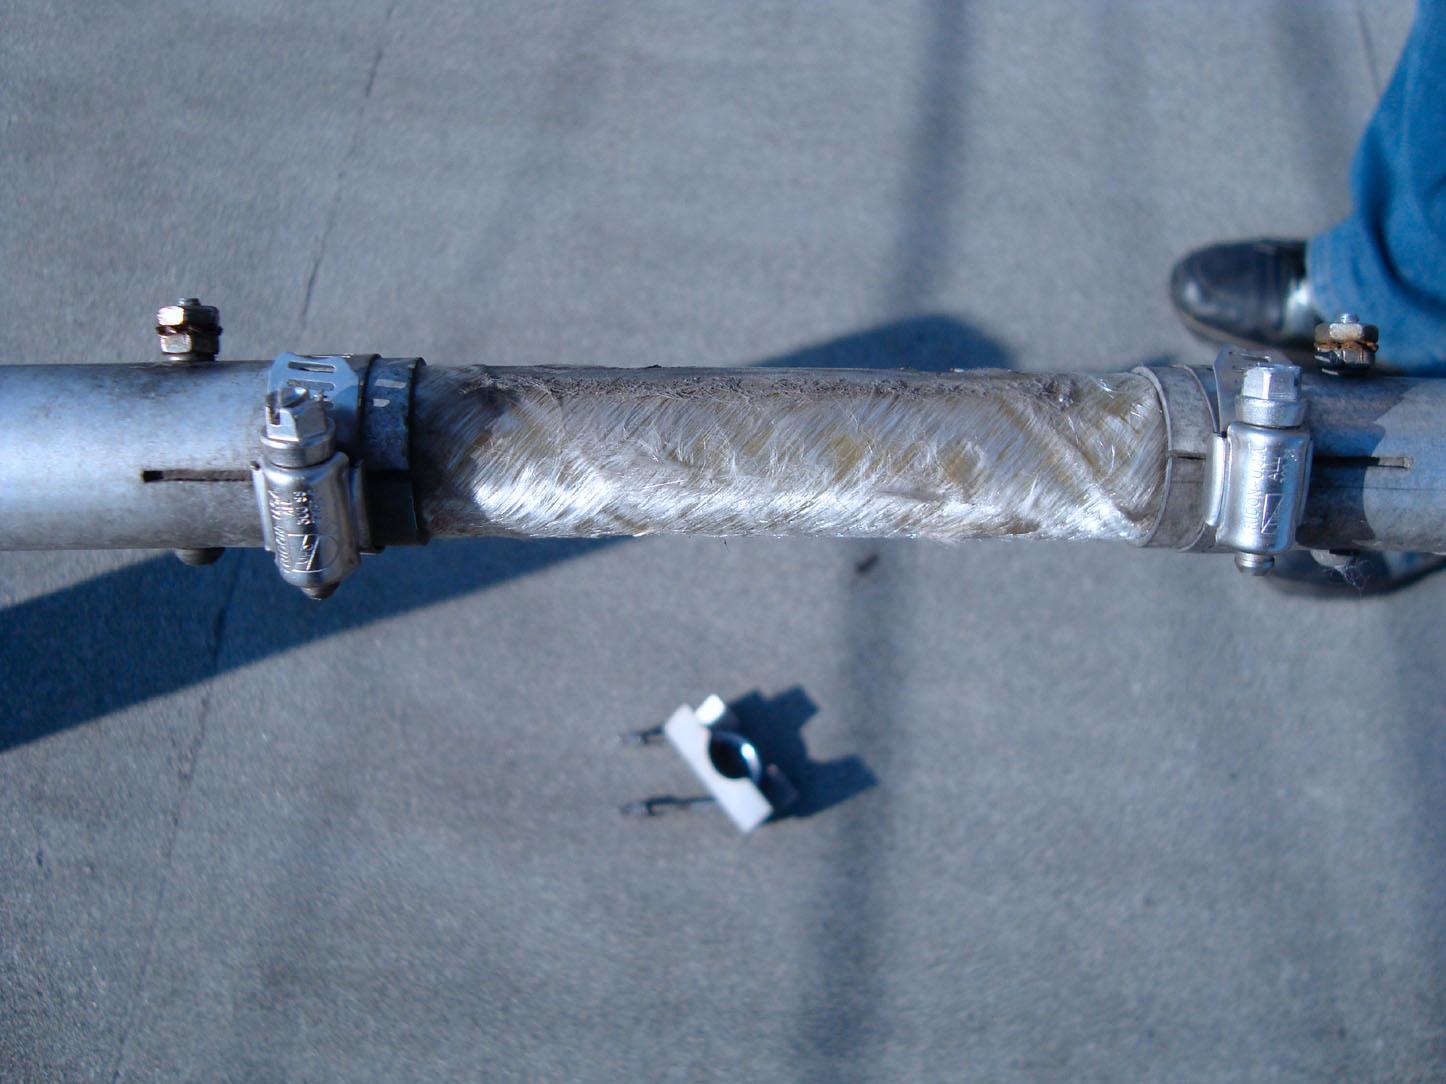 Нажмите на изображение для увеличения.  Название:A4S isolator.jpg Просмотров:126 Размер:184.9 Кб ID:39695